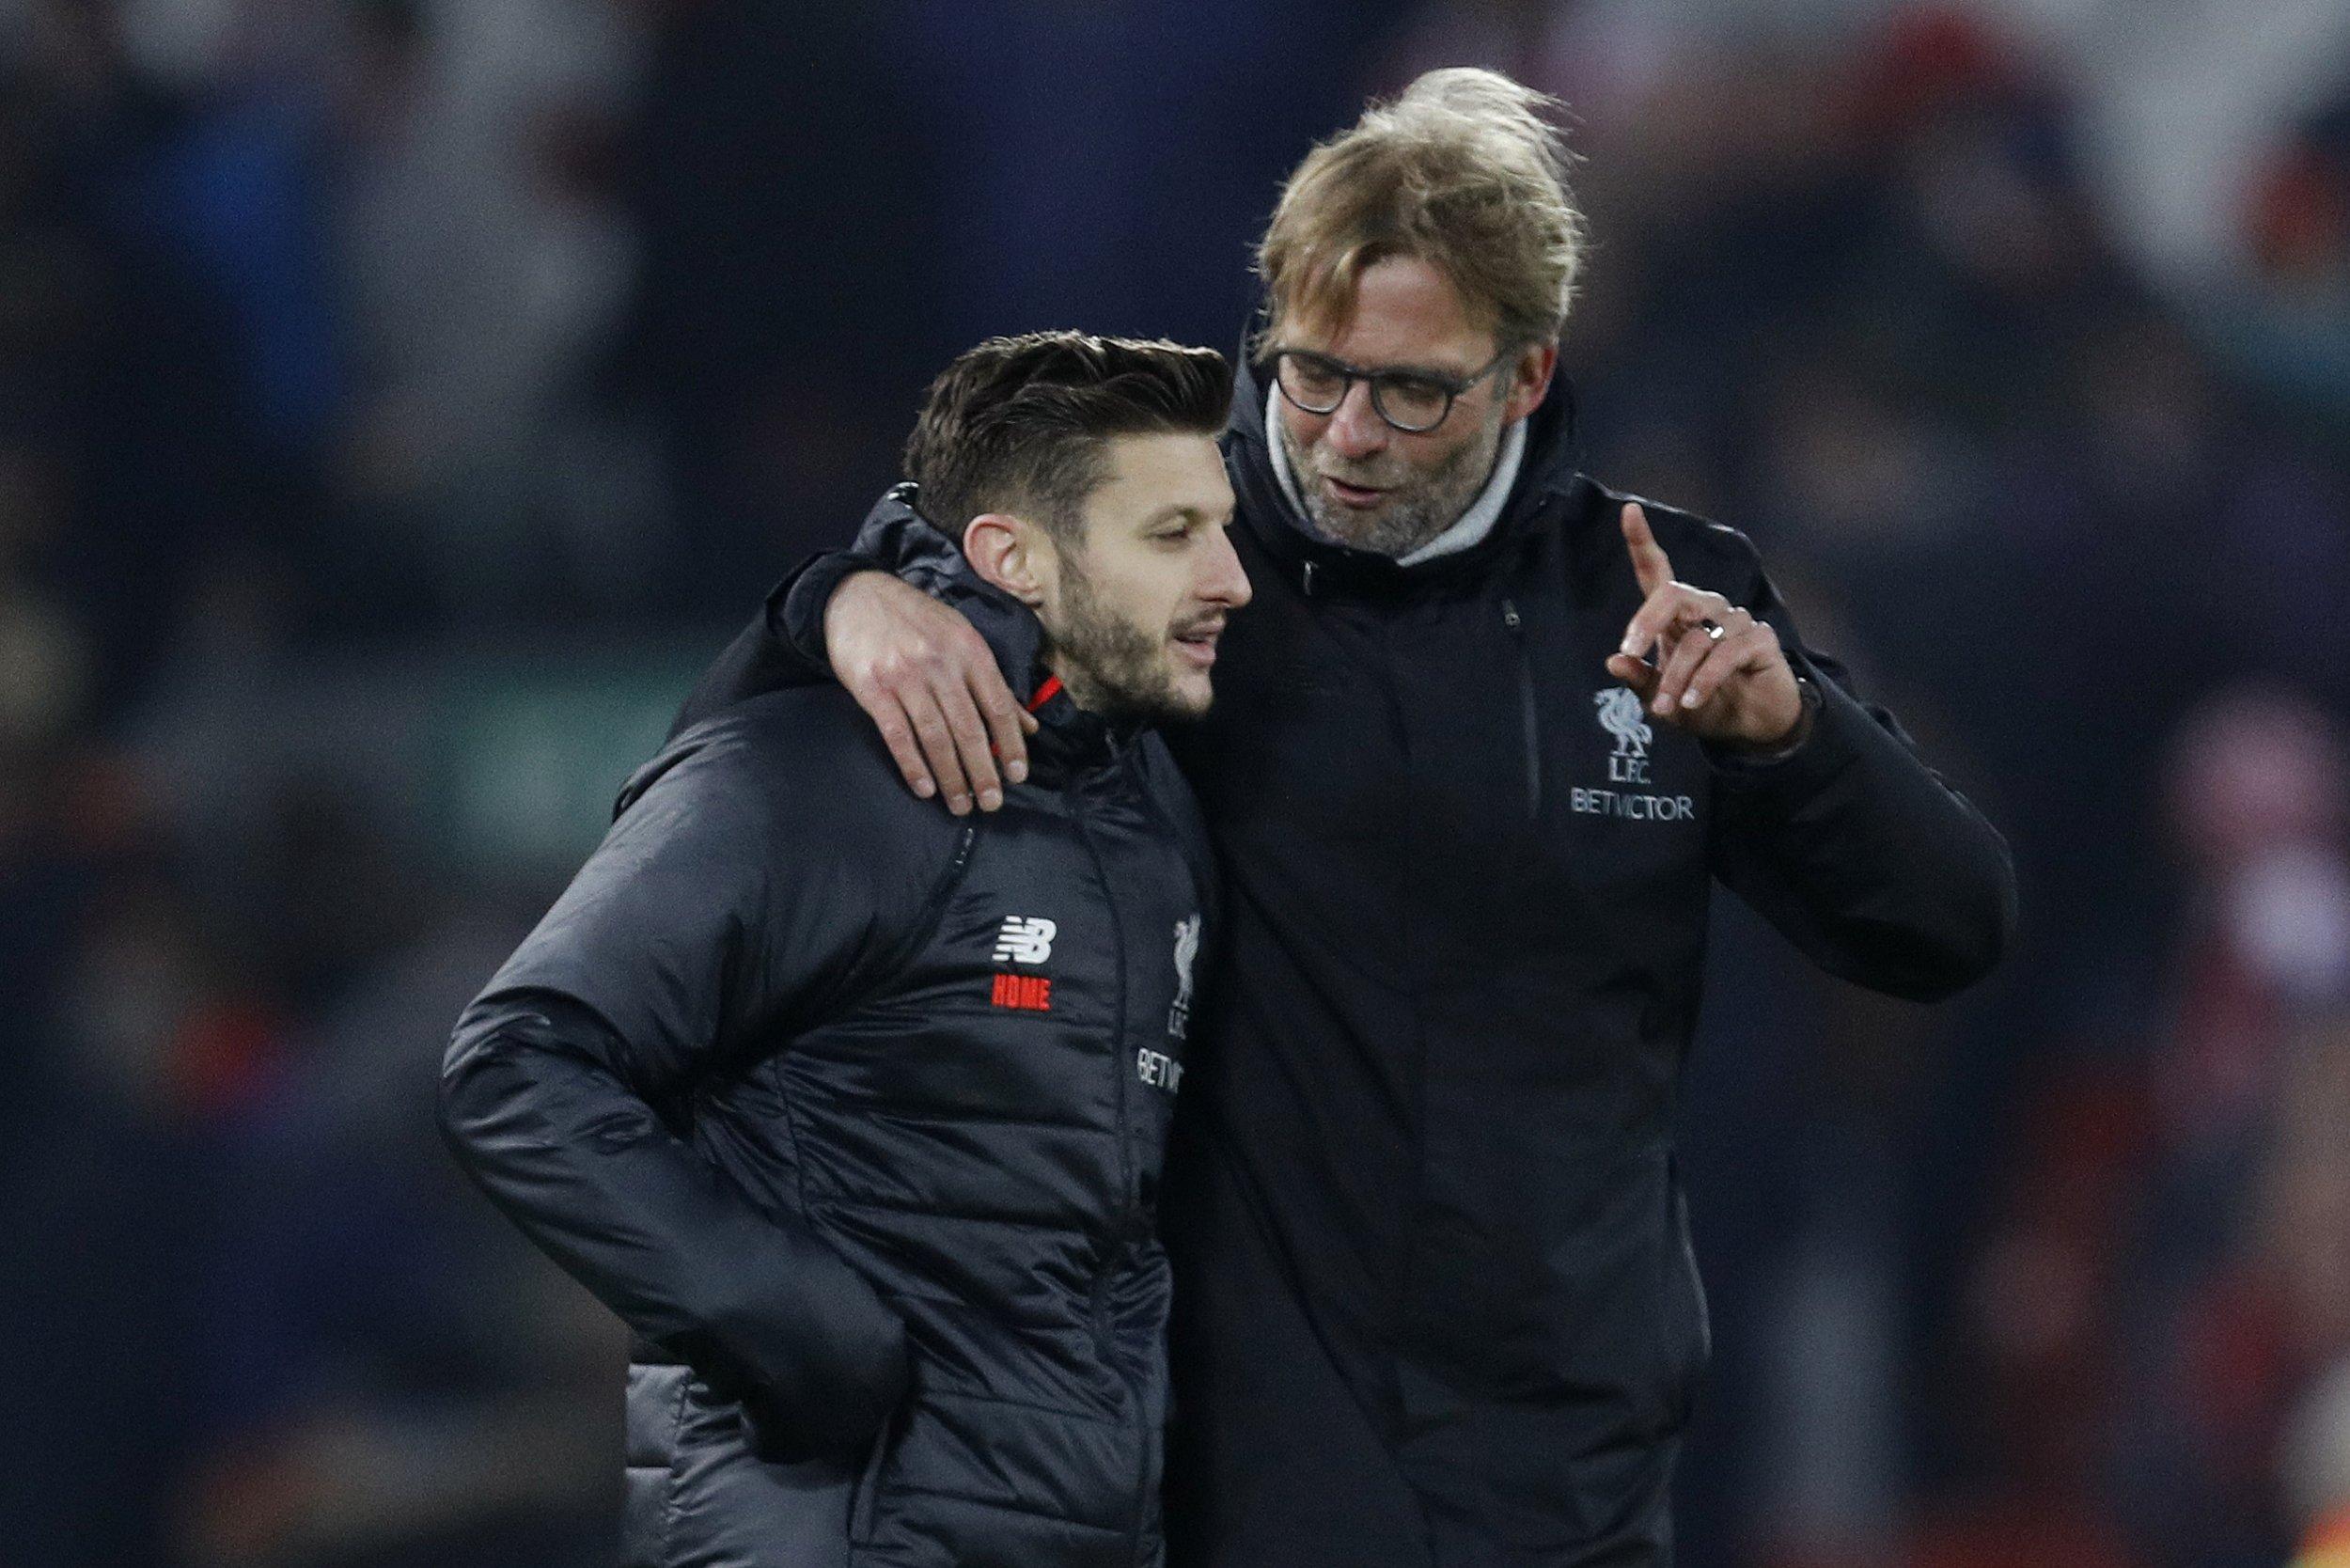 Liverpool manager Jurgen Klopp, right.